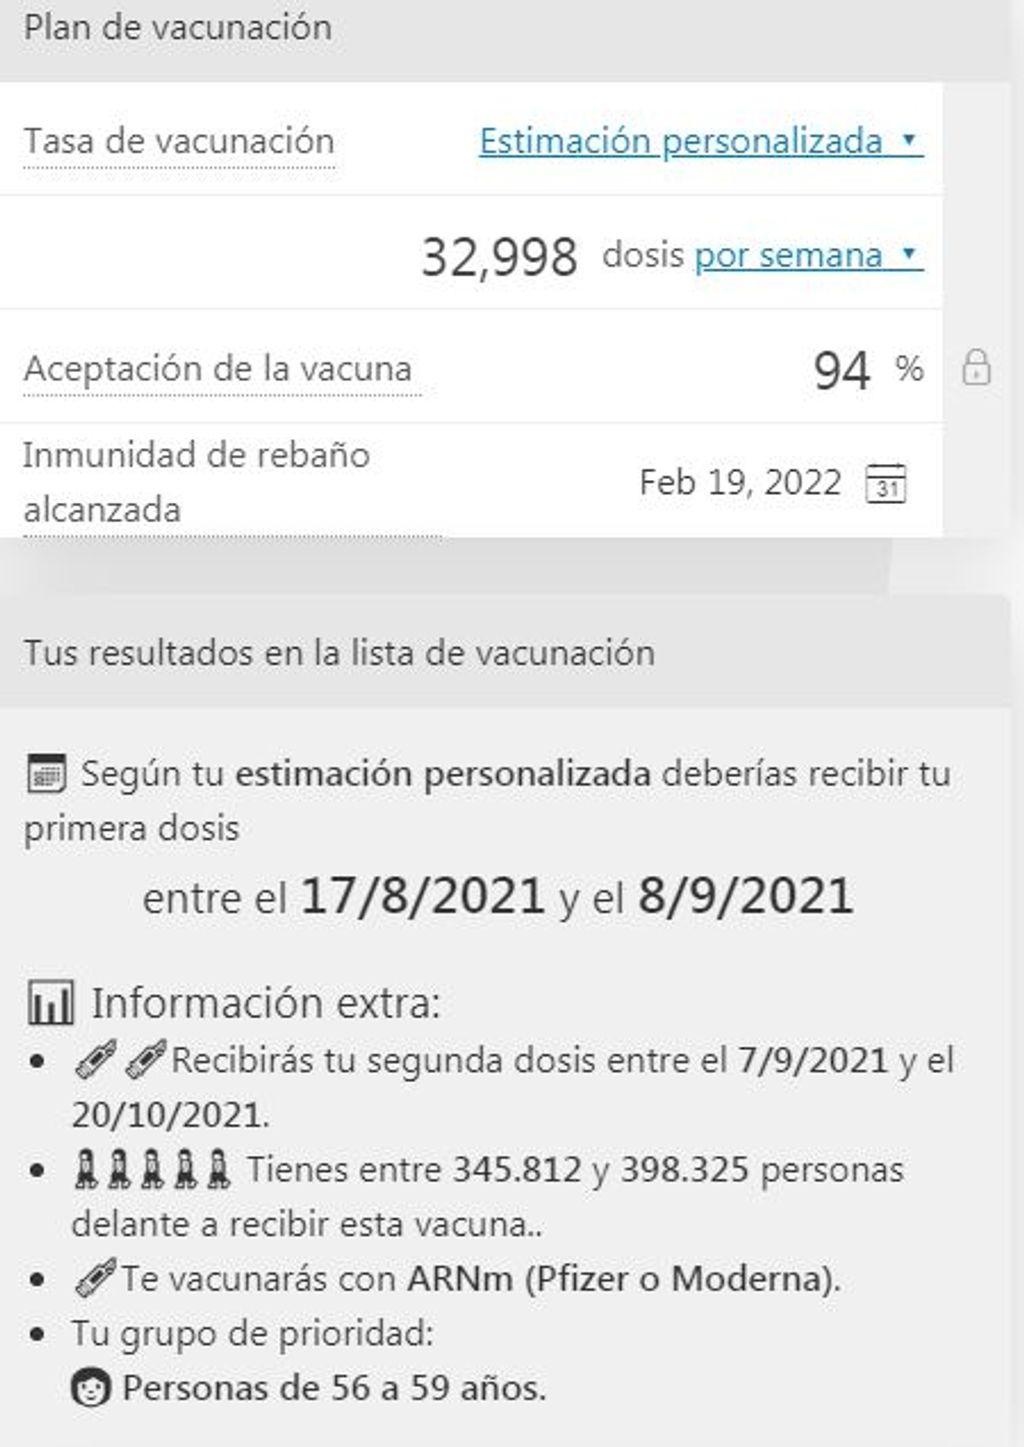 Calculadora de vacunación de un hombre de 57 años en Asturias.